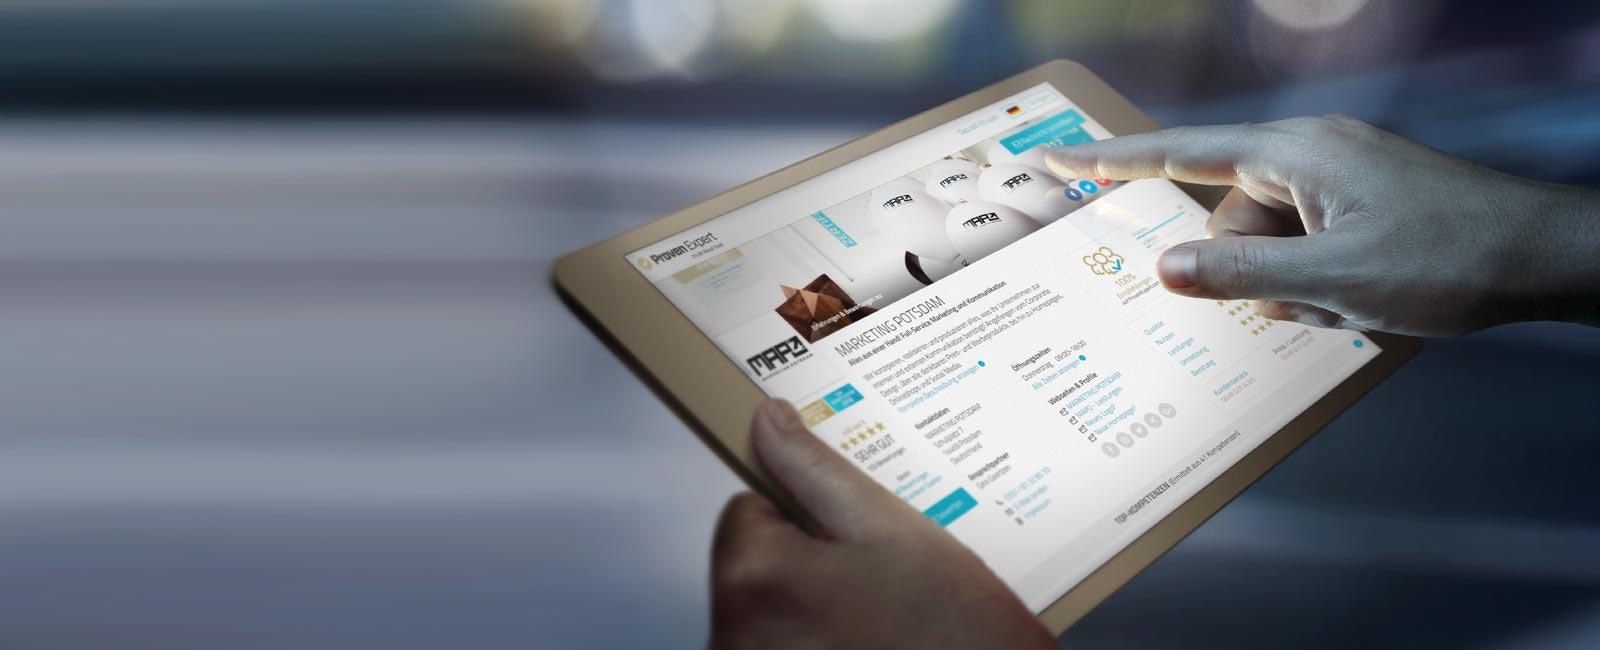 Werbeagentur MAPO-Marketing Potsdam, Bewertungen bei ProvenExpert